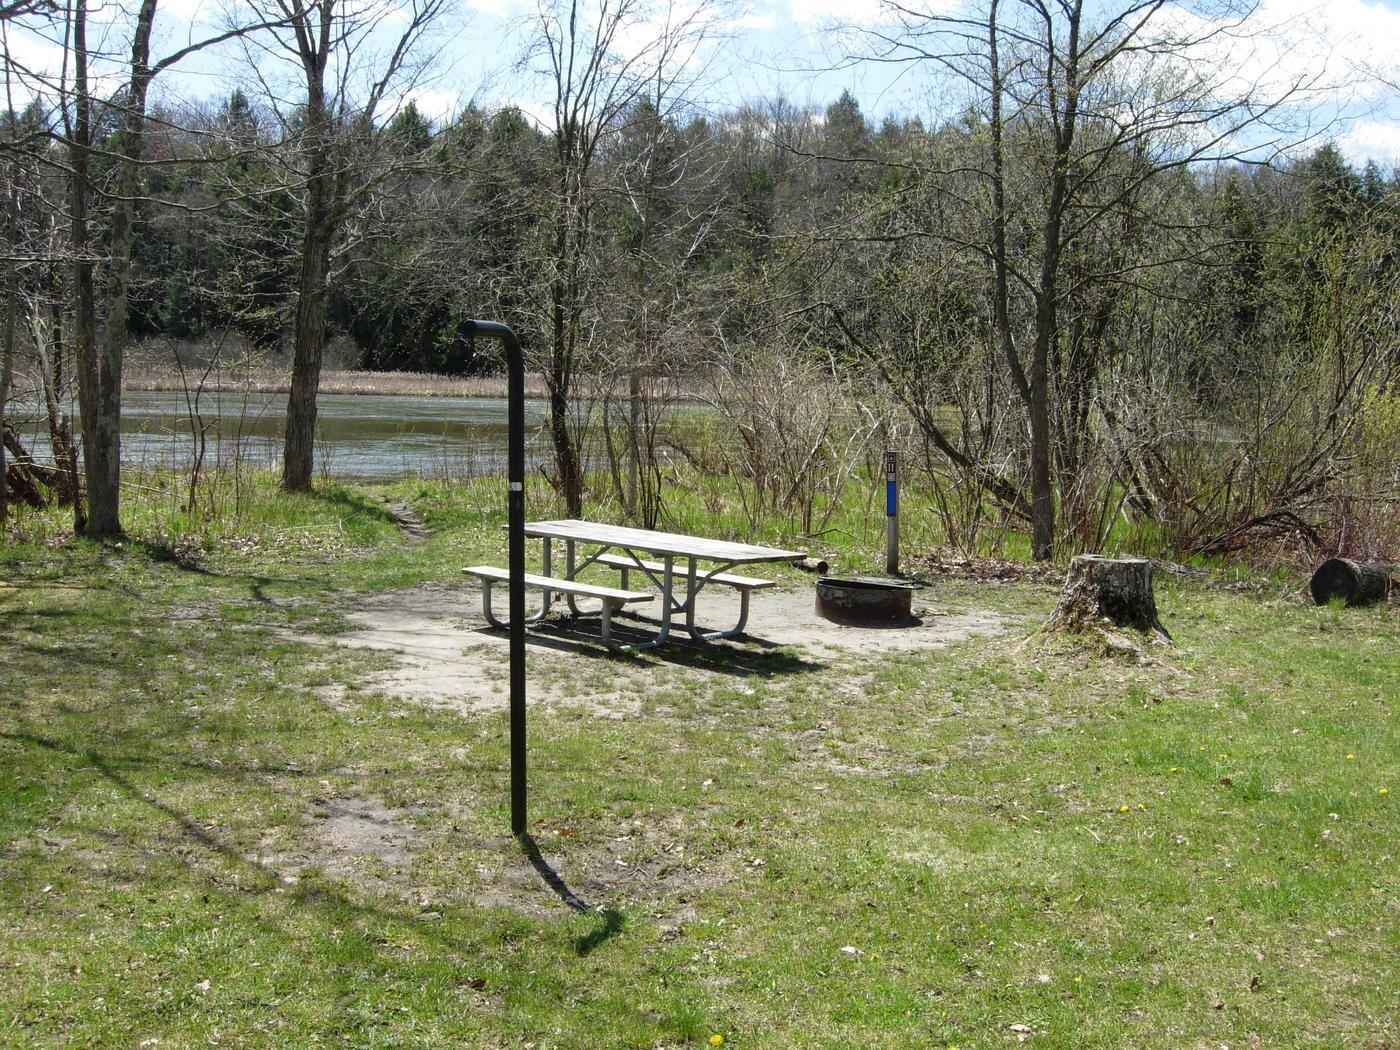 Red Bridge Site # 11